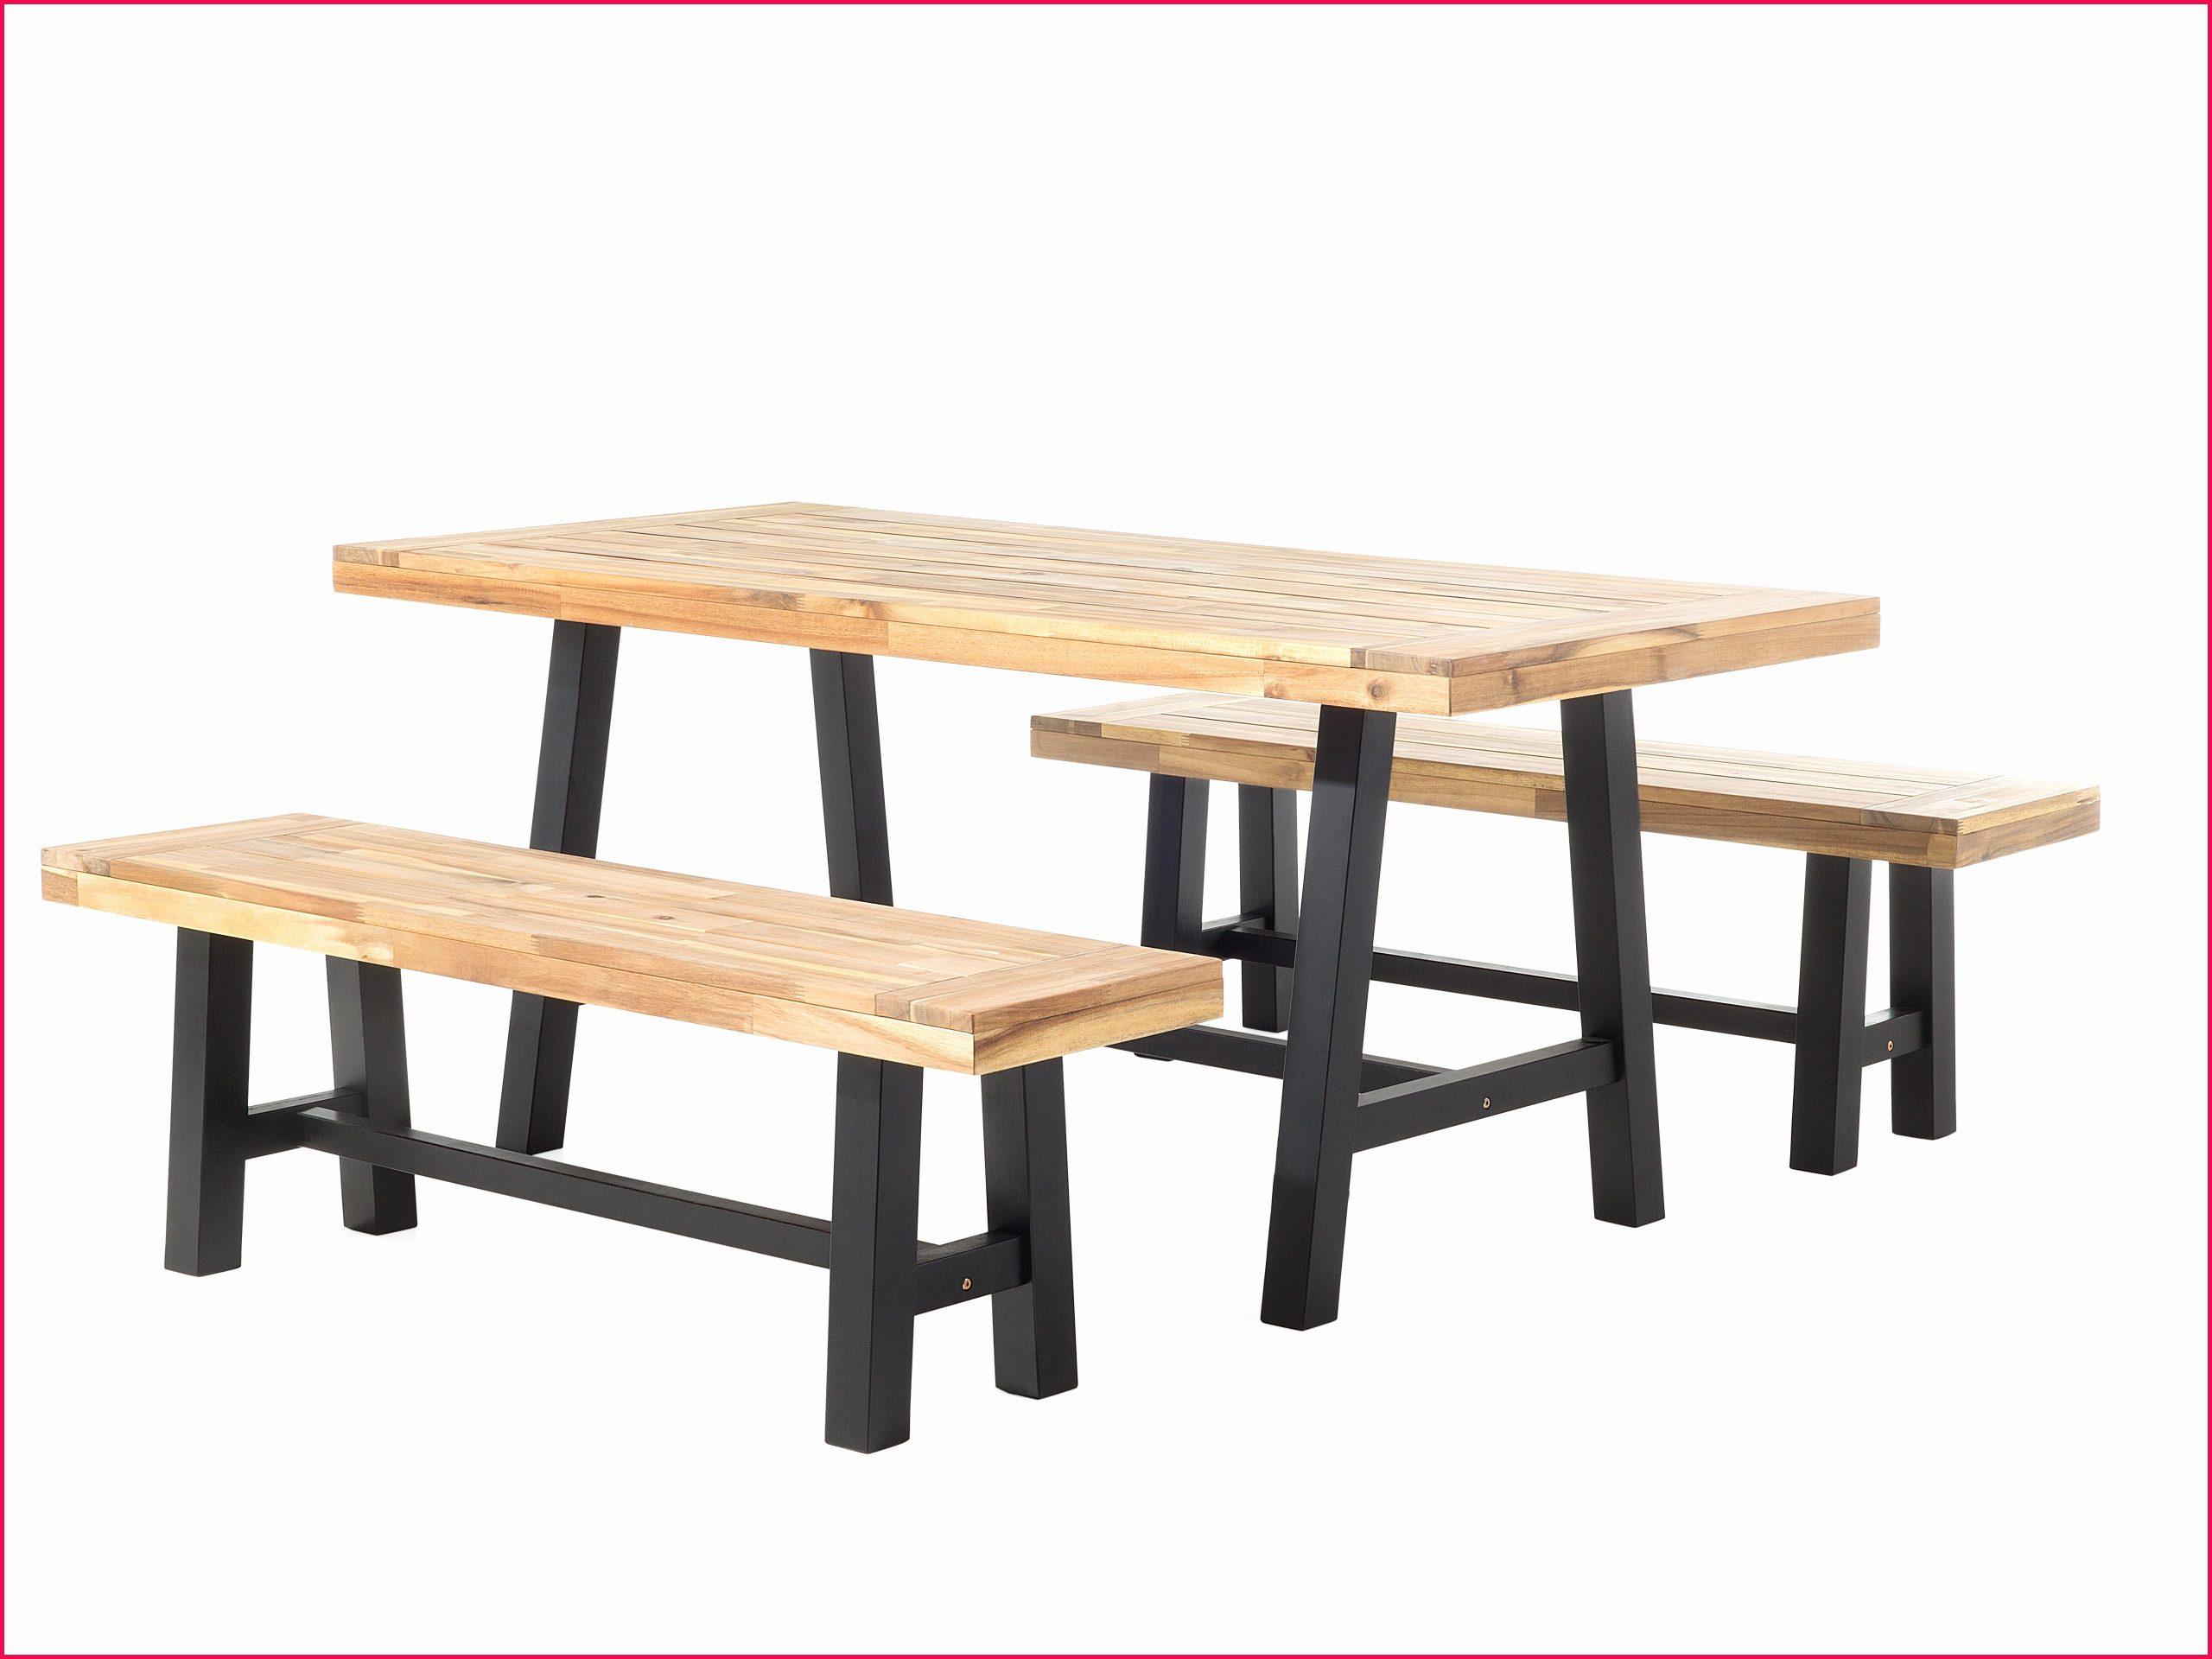 Table Pliante En Teck Massif Dans Fabriquer Table Pliante ... dedans Table De Jardin En Bois Pliante Pas Cher